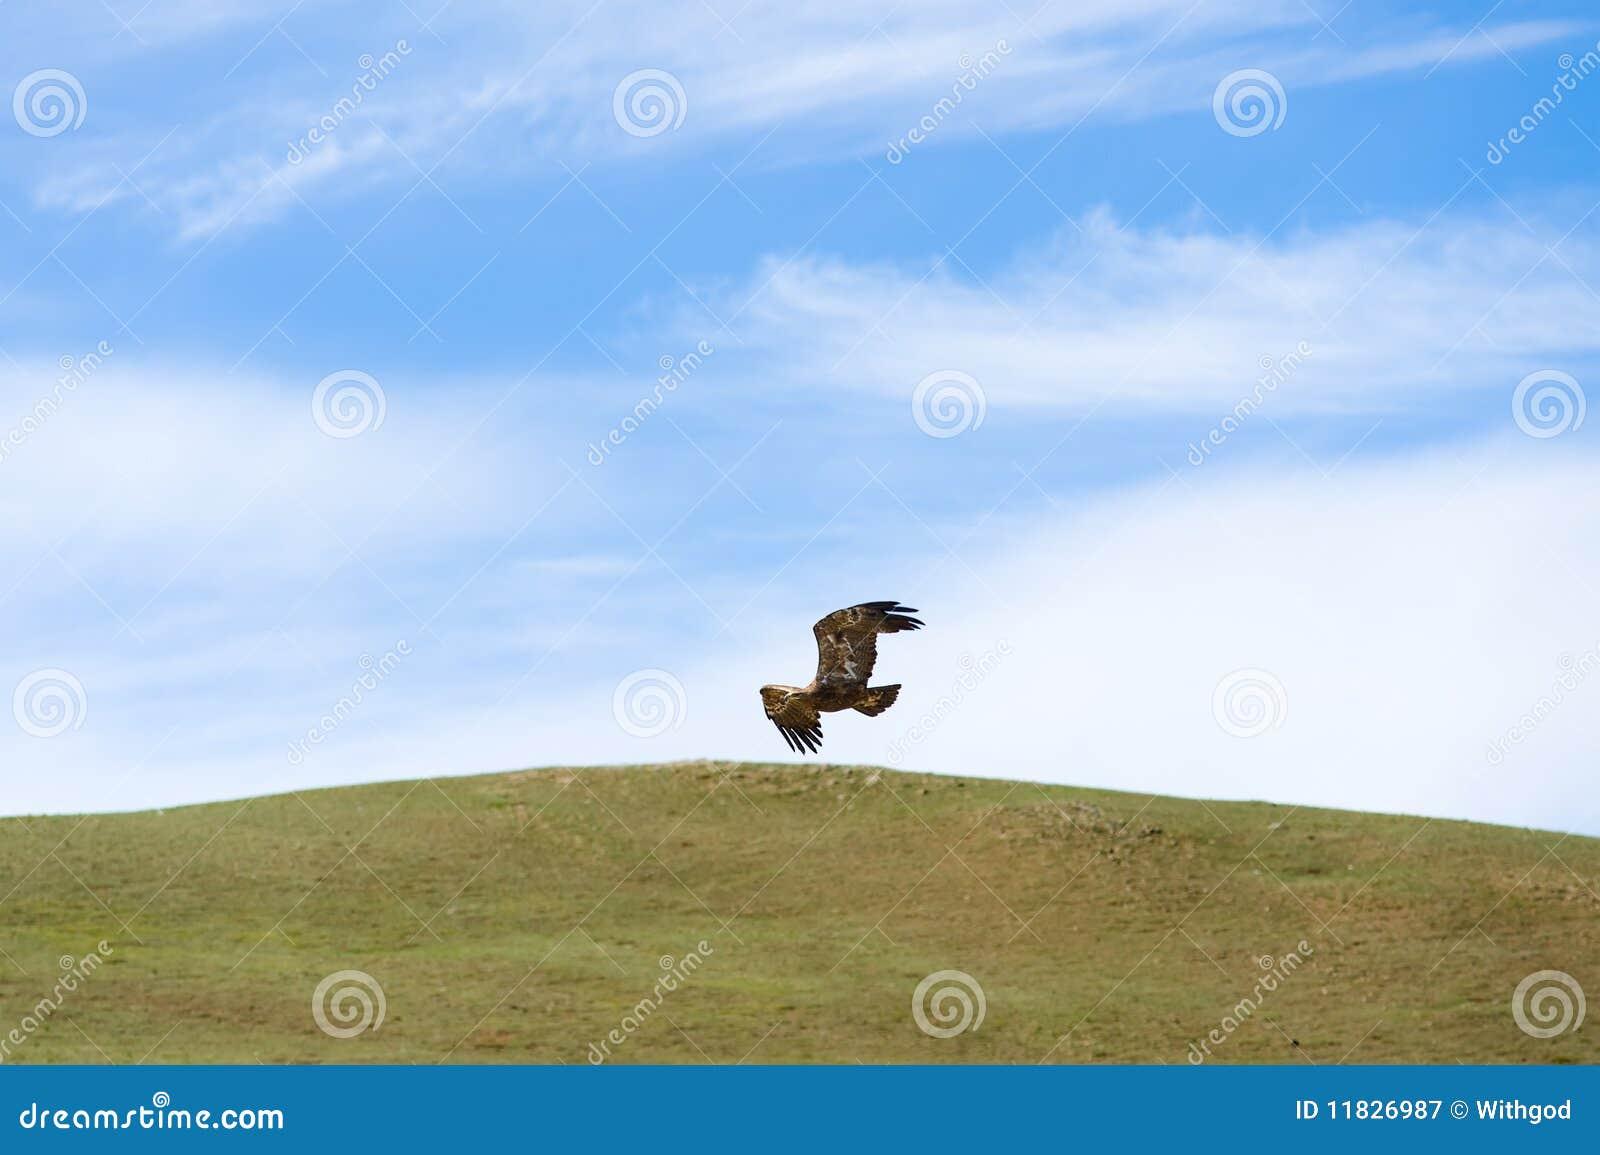 Eagle flying over steppe